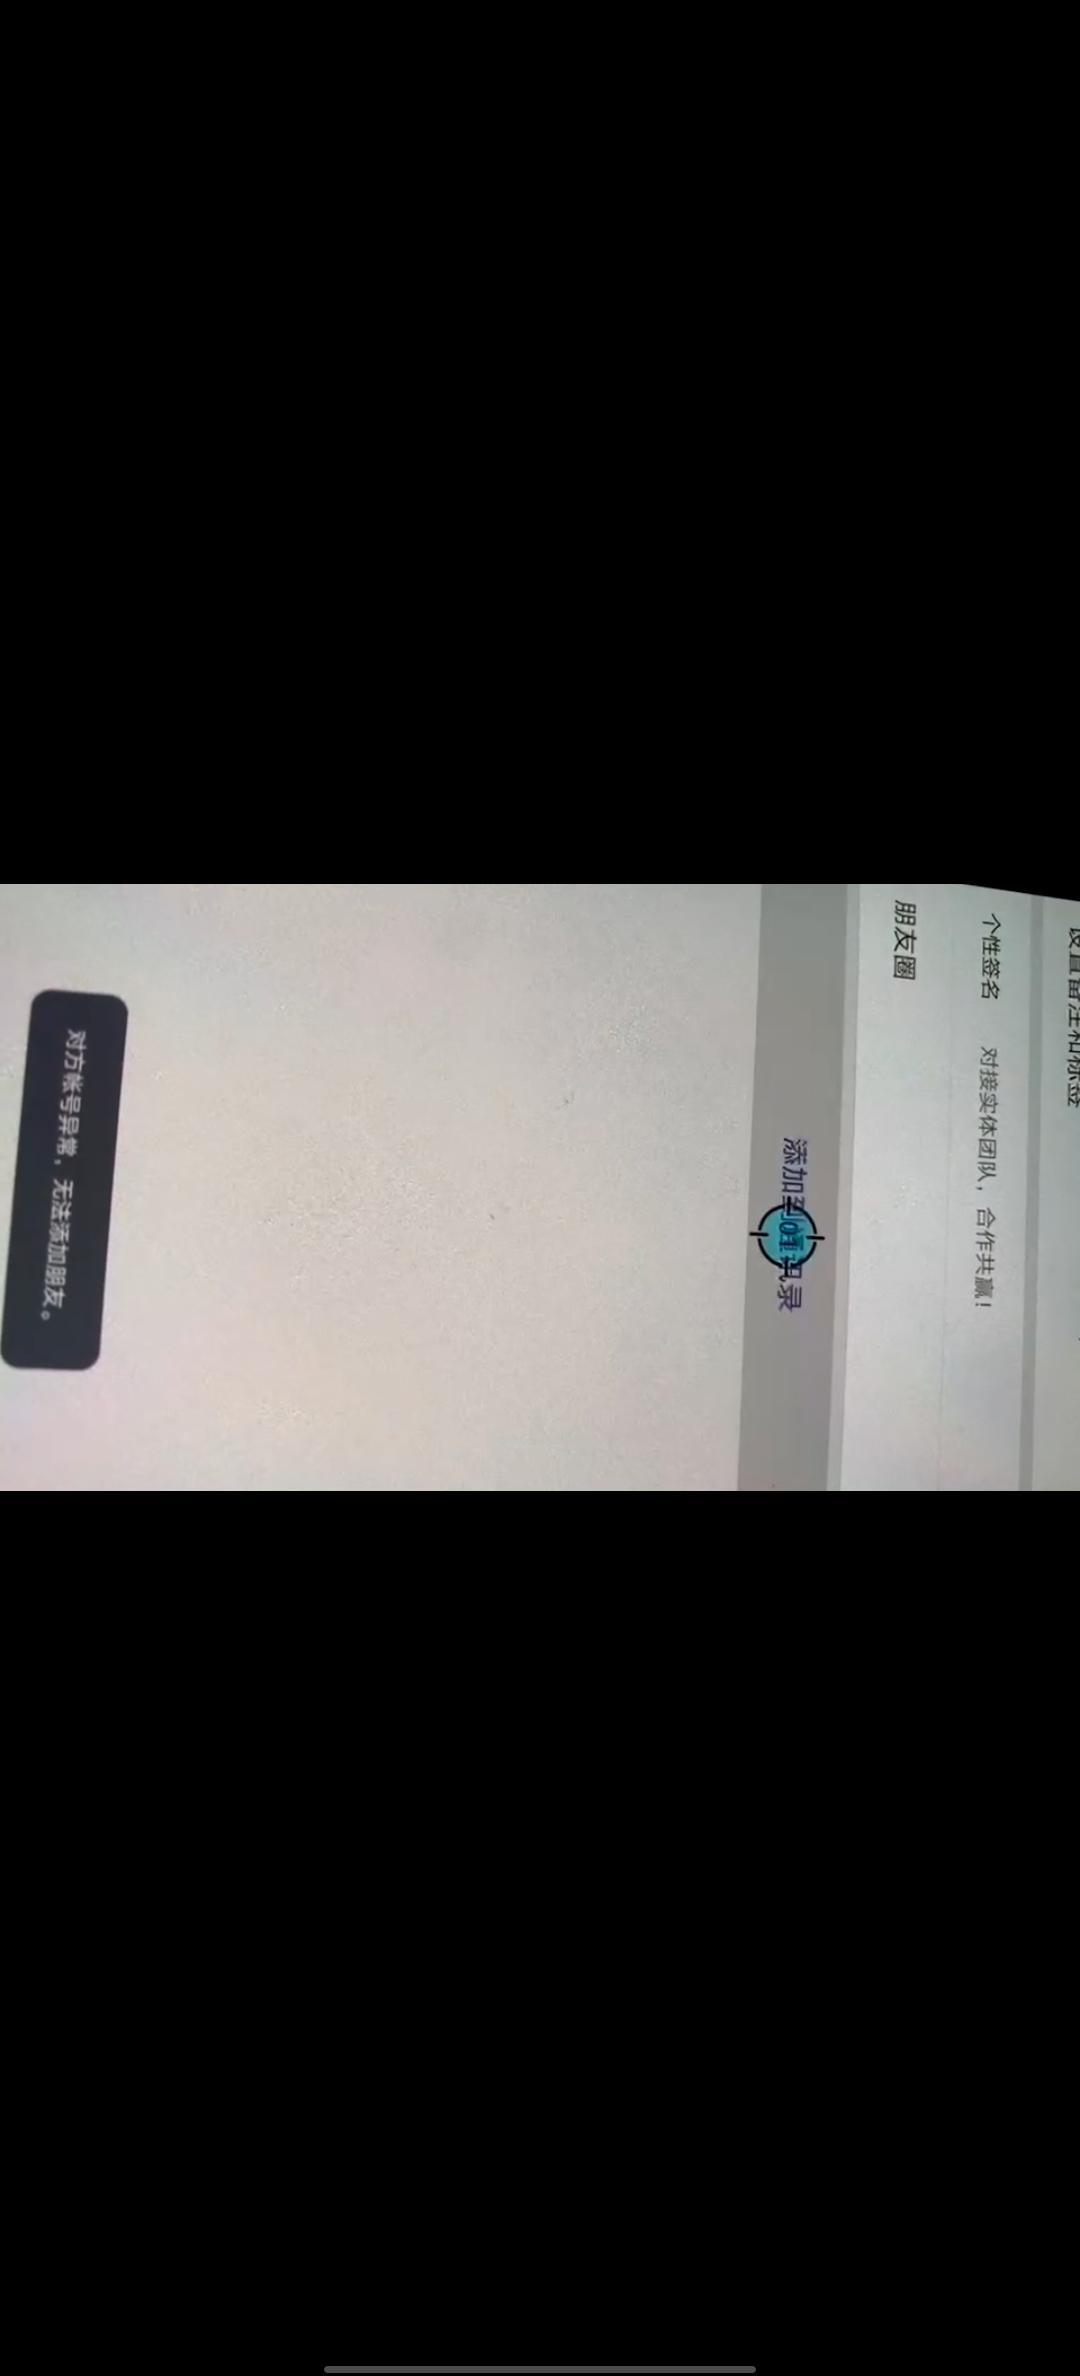 微信无限爆粉玩法分享